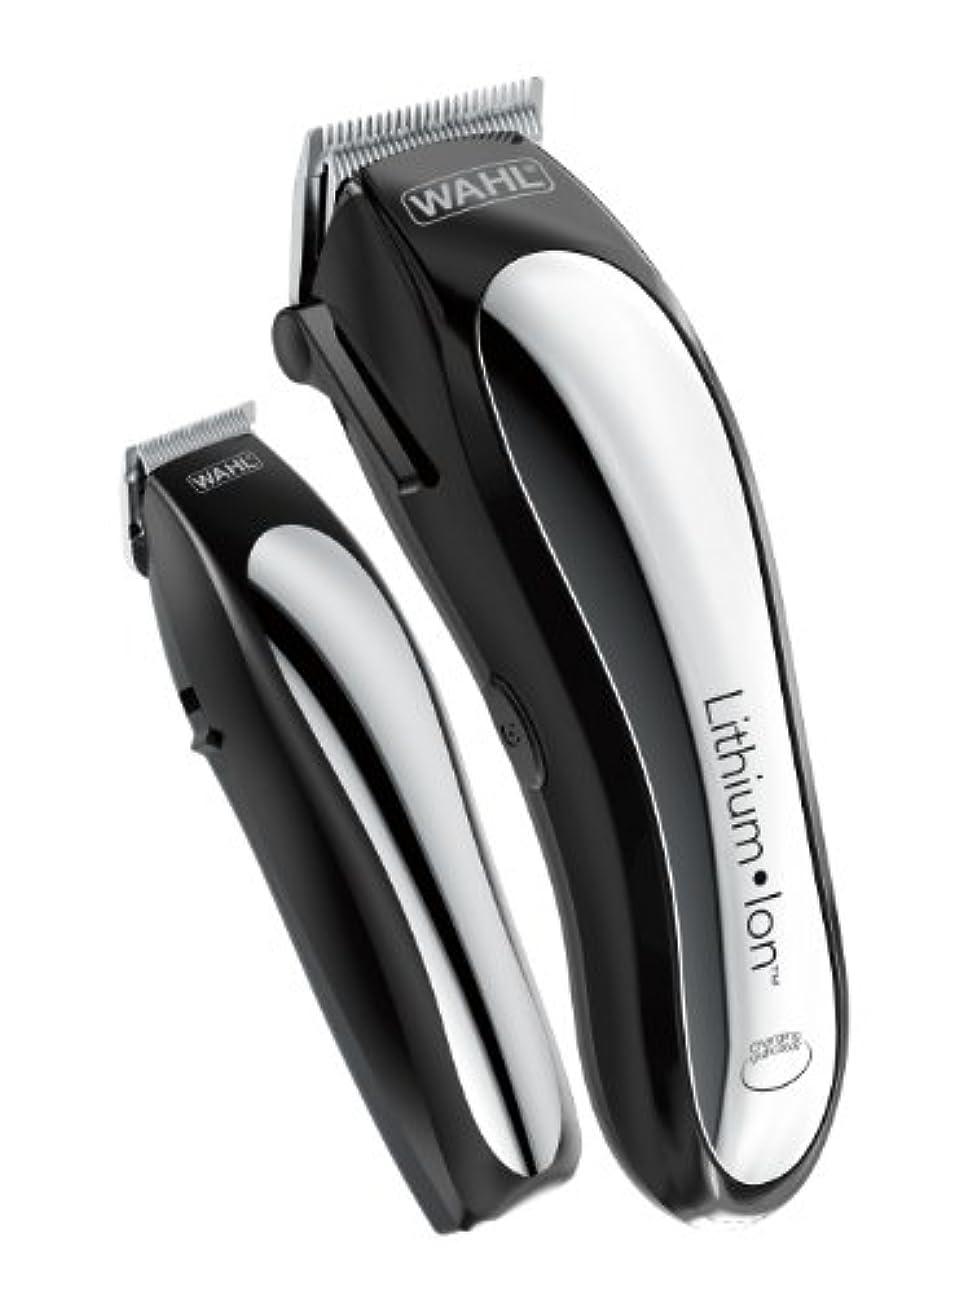 寮樹皮助言するWahl Clipper Lithium Ion Cordless Rechargeable Hair Clippers and Trimmers for men,Hair Cutting Kit with 10 Guide...